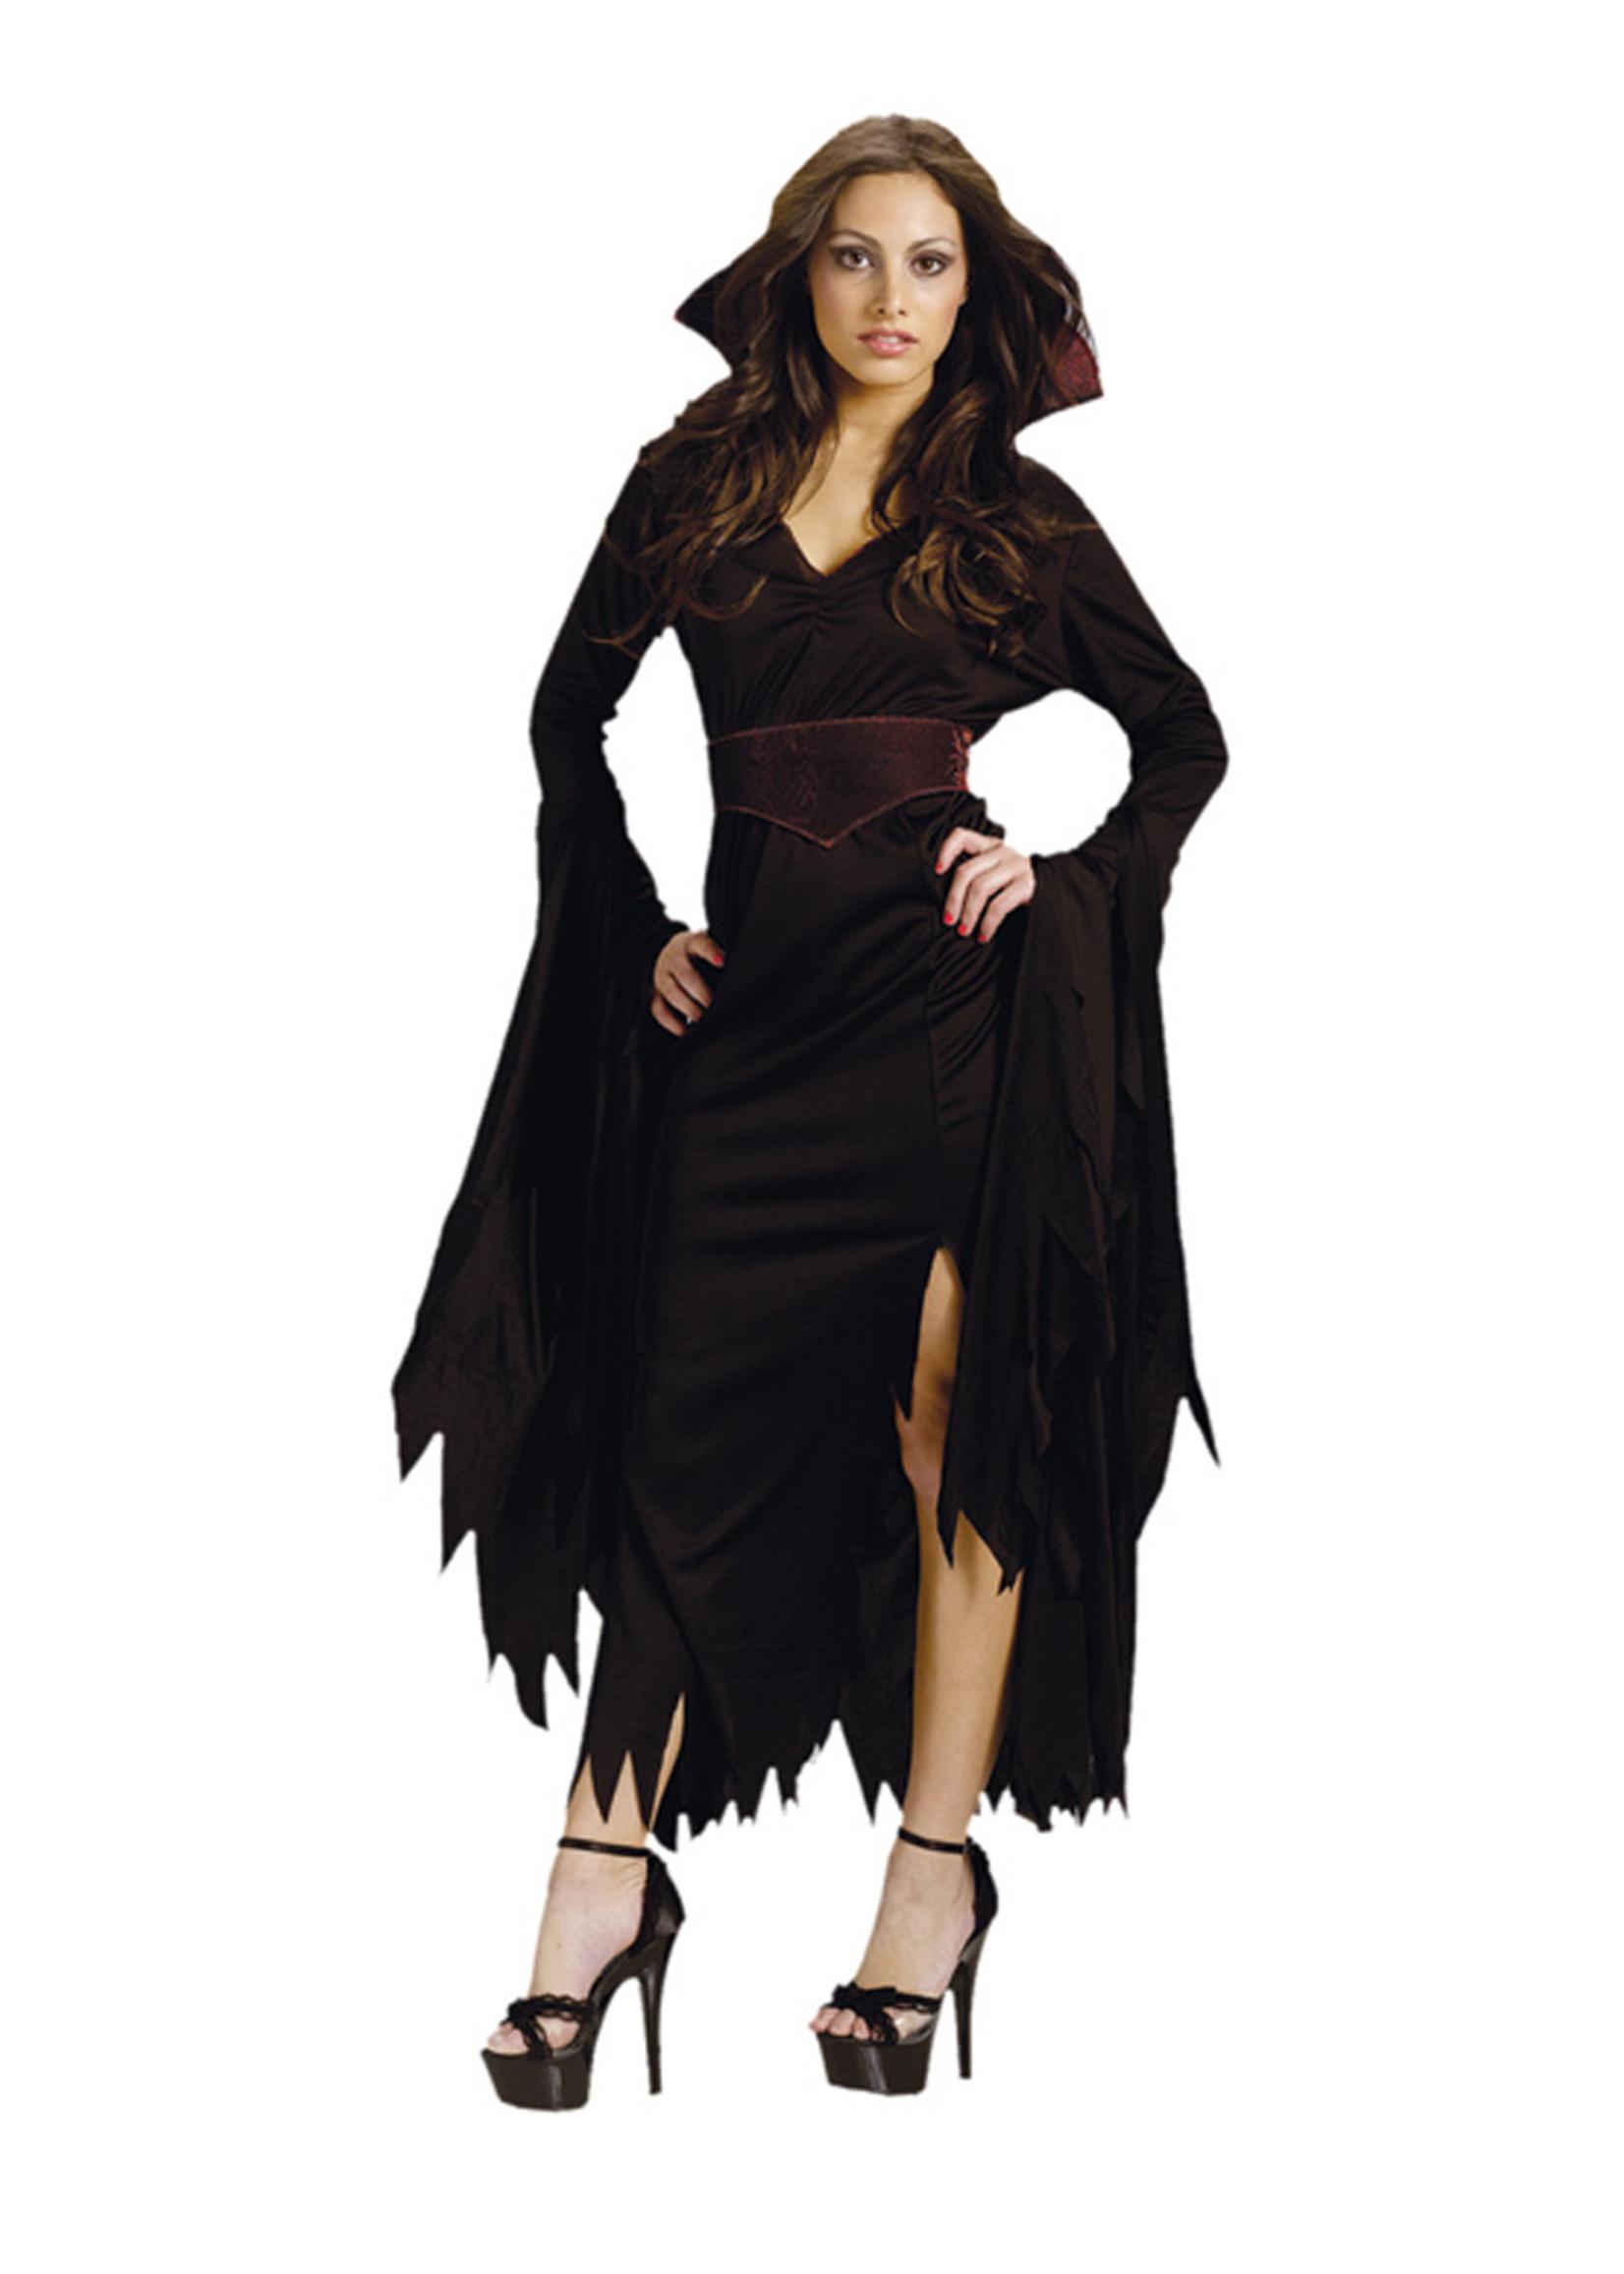 Classy Vamp Costume - Women's